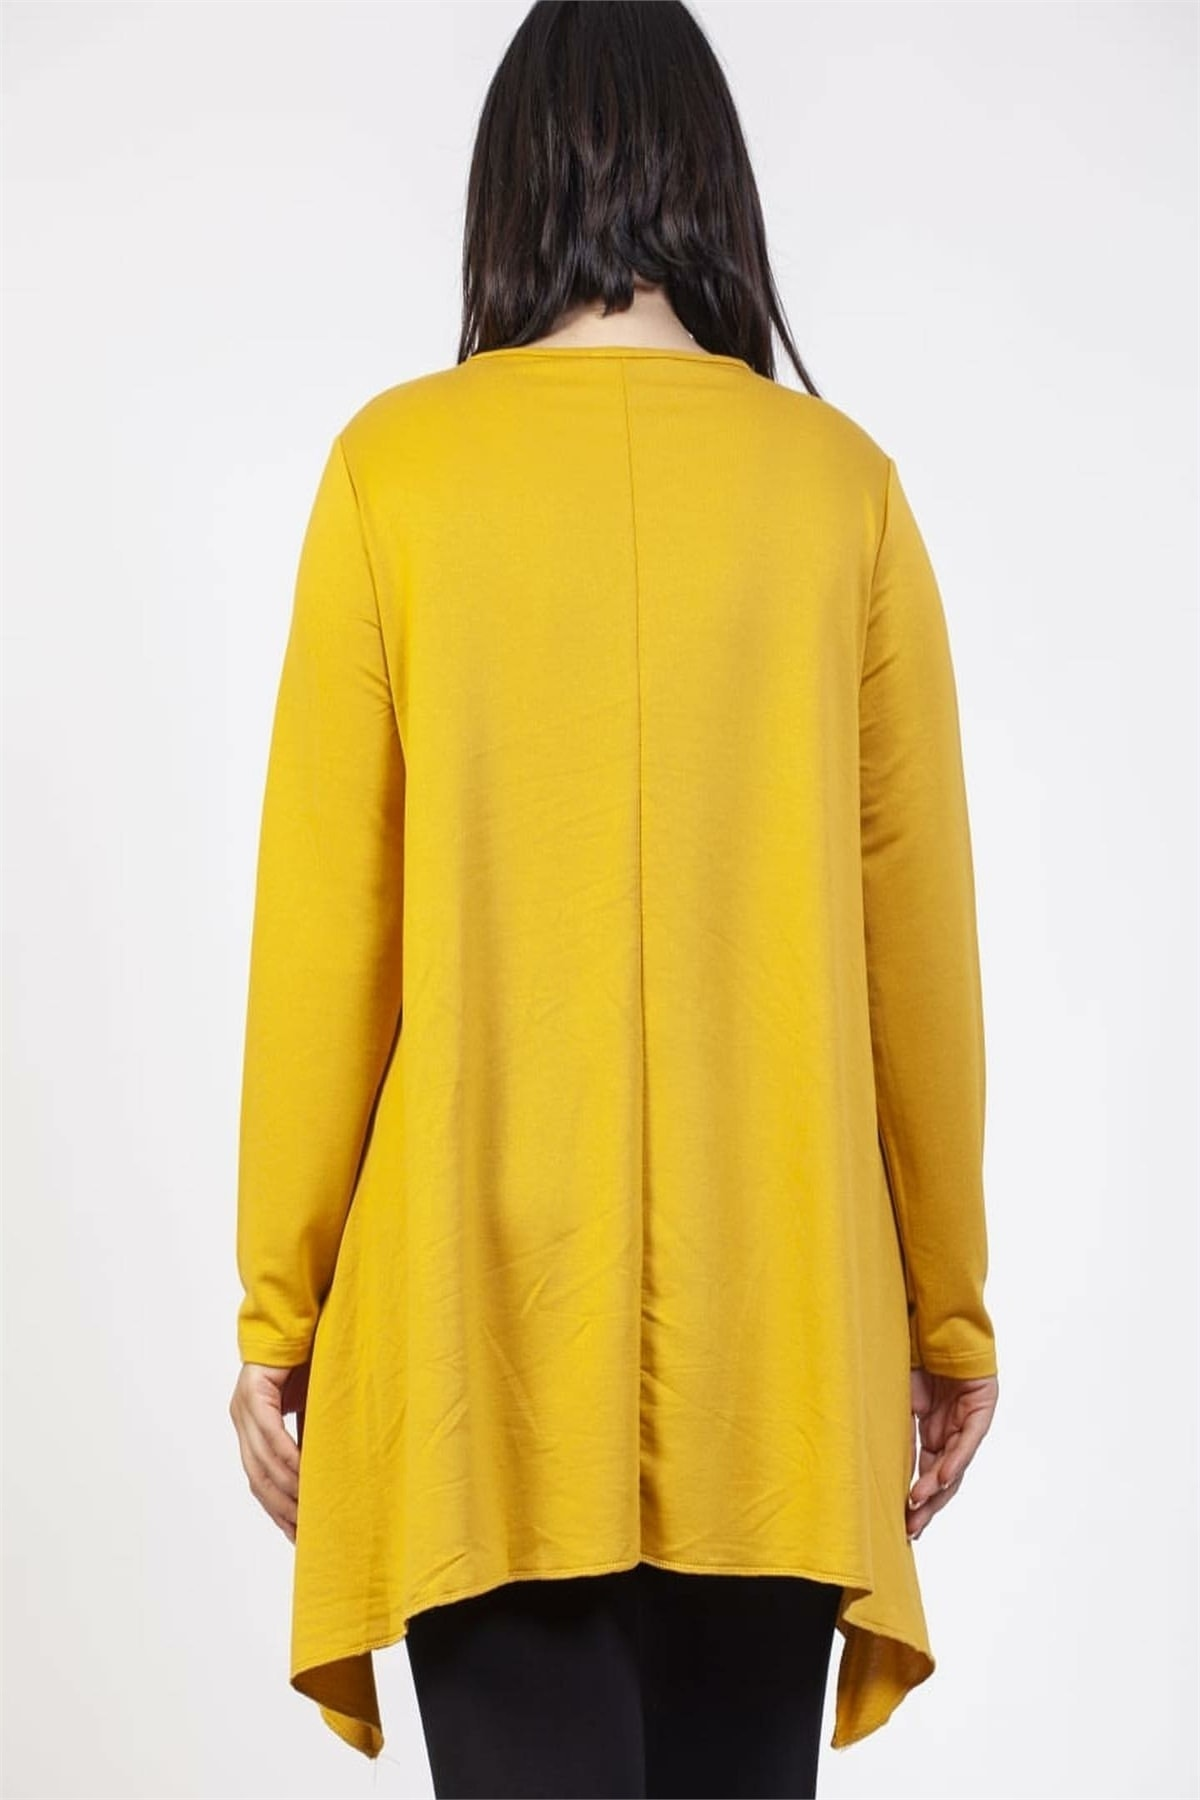 SİZ Kadın Sarı Eteği Tasarım Renkli Tunik 2